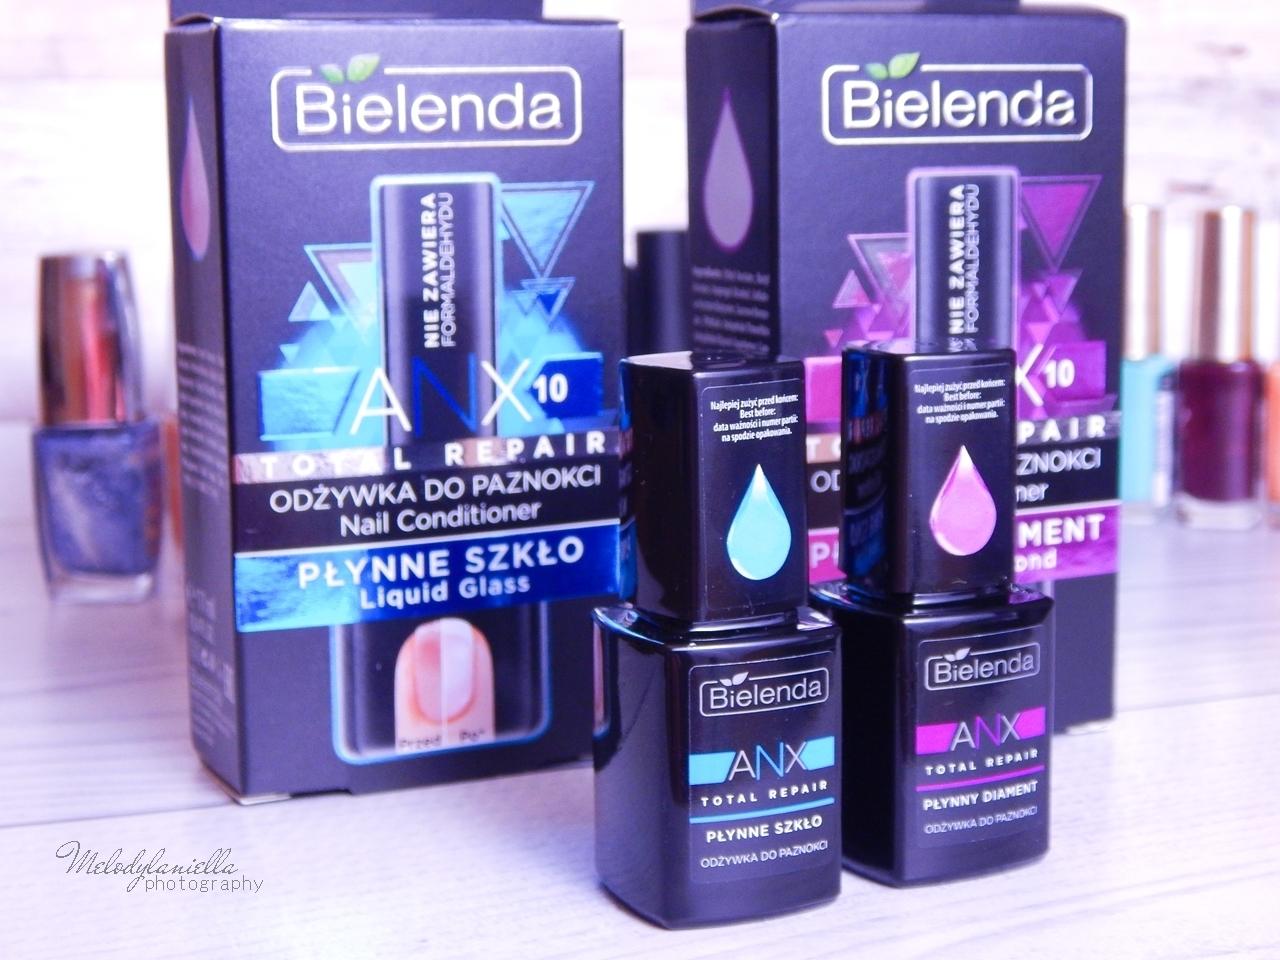 11 bielenda total repair odżywka płynne szkło płynny diament anx recenzja najlepsze odżywki serum do paznokci jak wzmocnić paznokcie french manicure